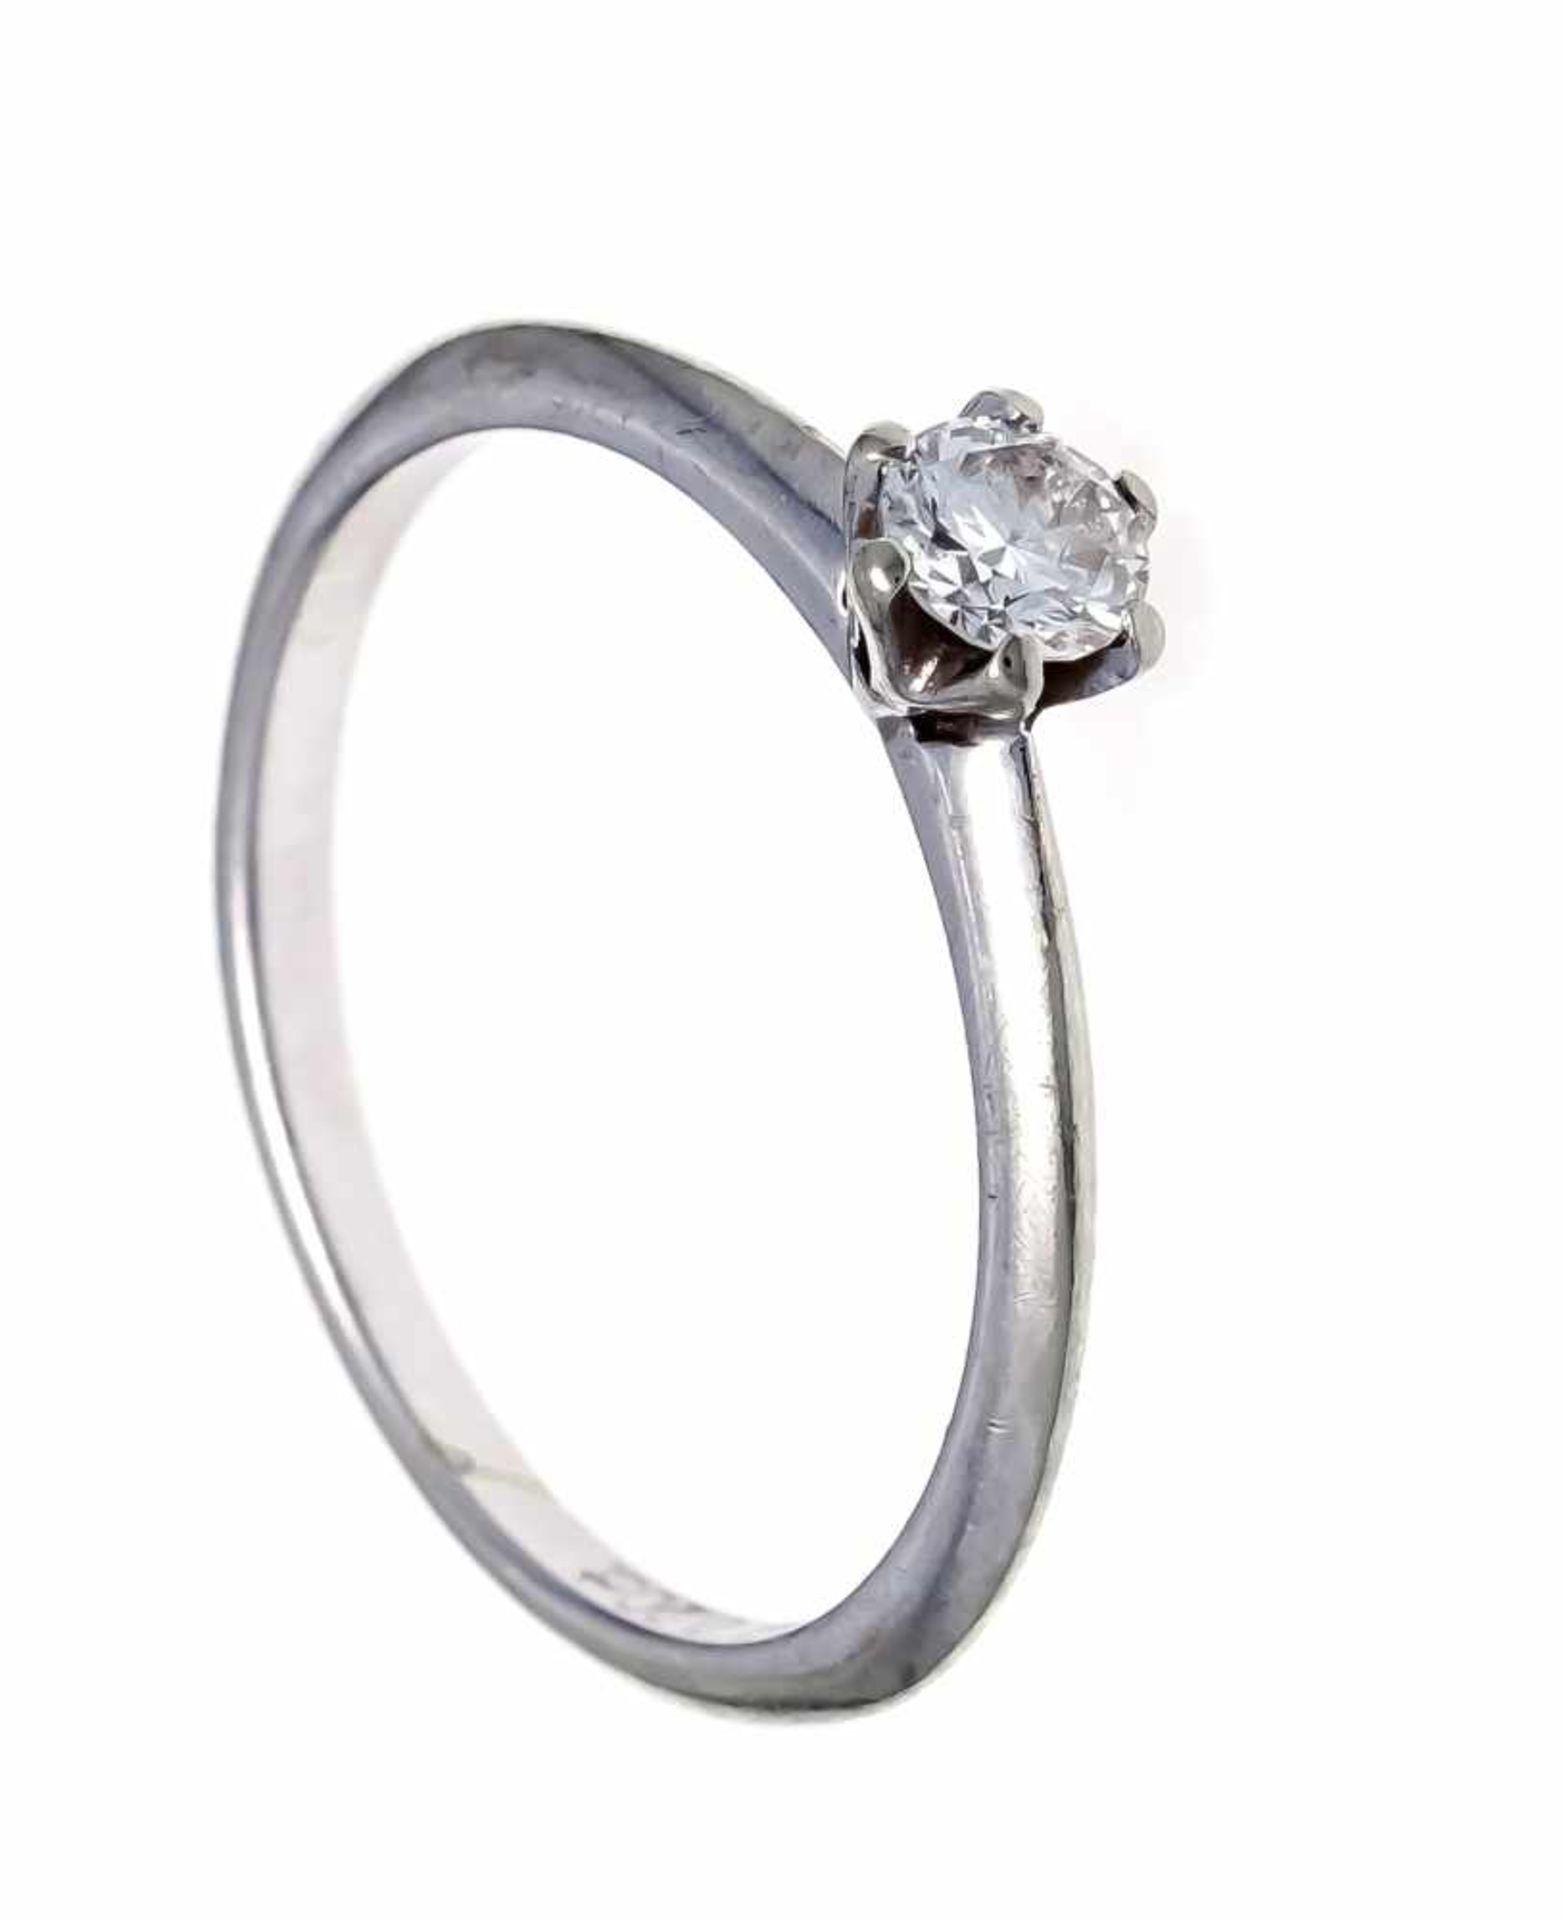 Brillant-Ring Christ WG 585/000 mit einem Brillanten 0,20 ct TW/SI, RG 54, 1,9 gDiamond ring